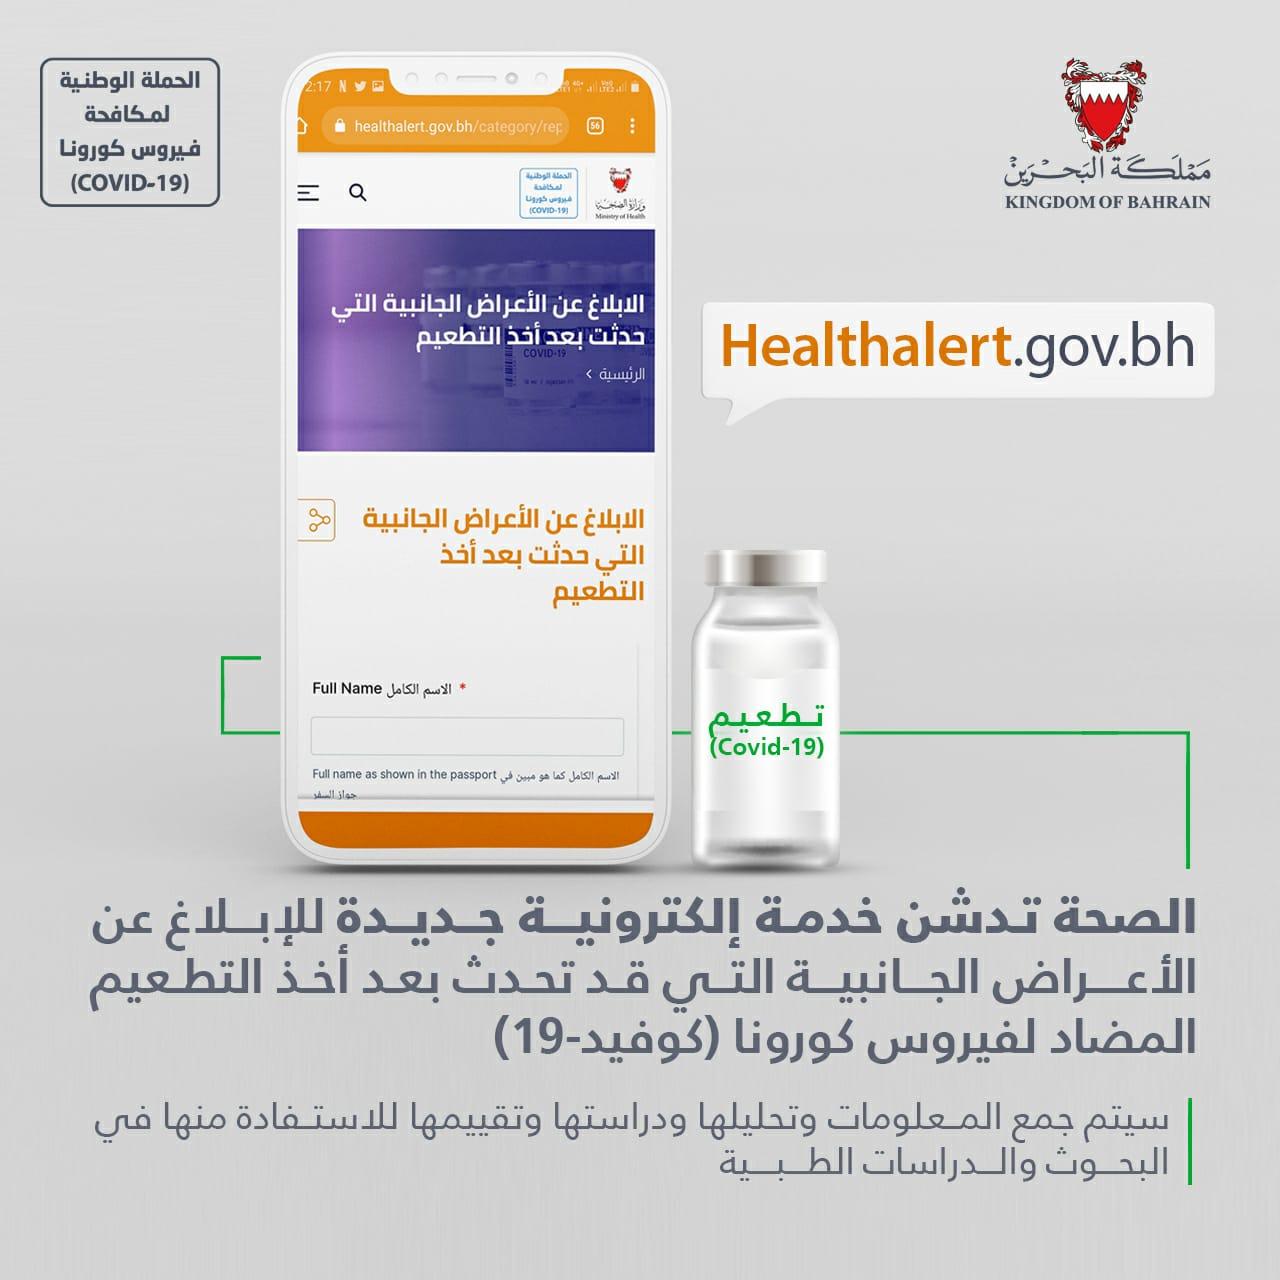 الصحة تدشن خدمة إلكترونية جديدة للإبلاغ عن الأعراض الجانبية التي قد تحدث بعد أخذ التطعيم المضاد لفيروس كورونا